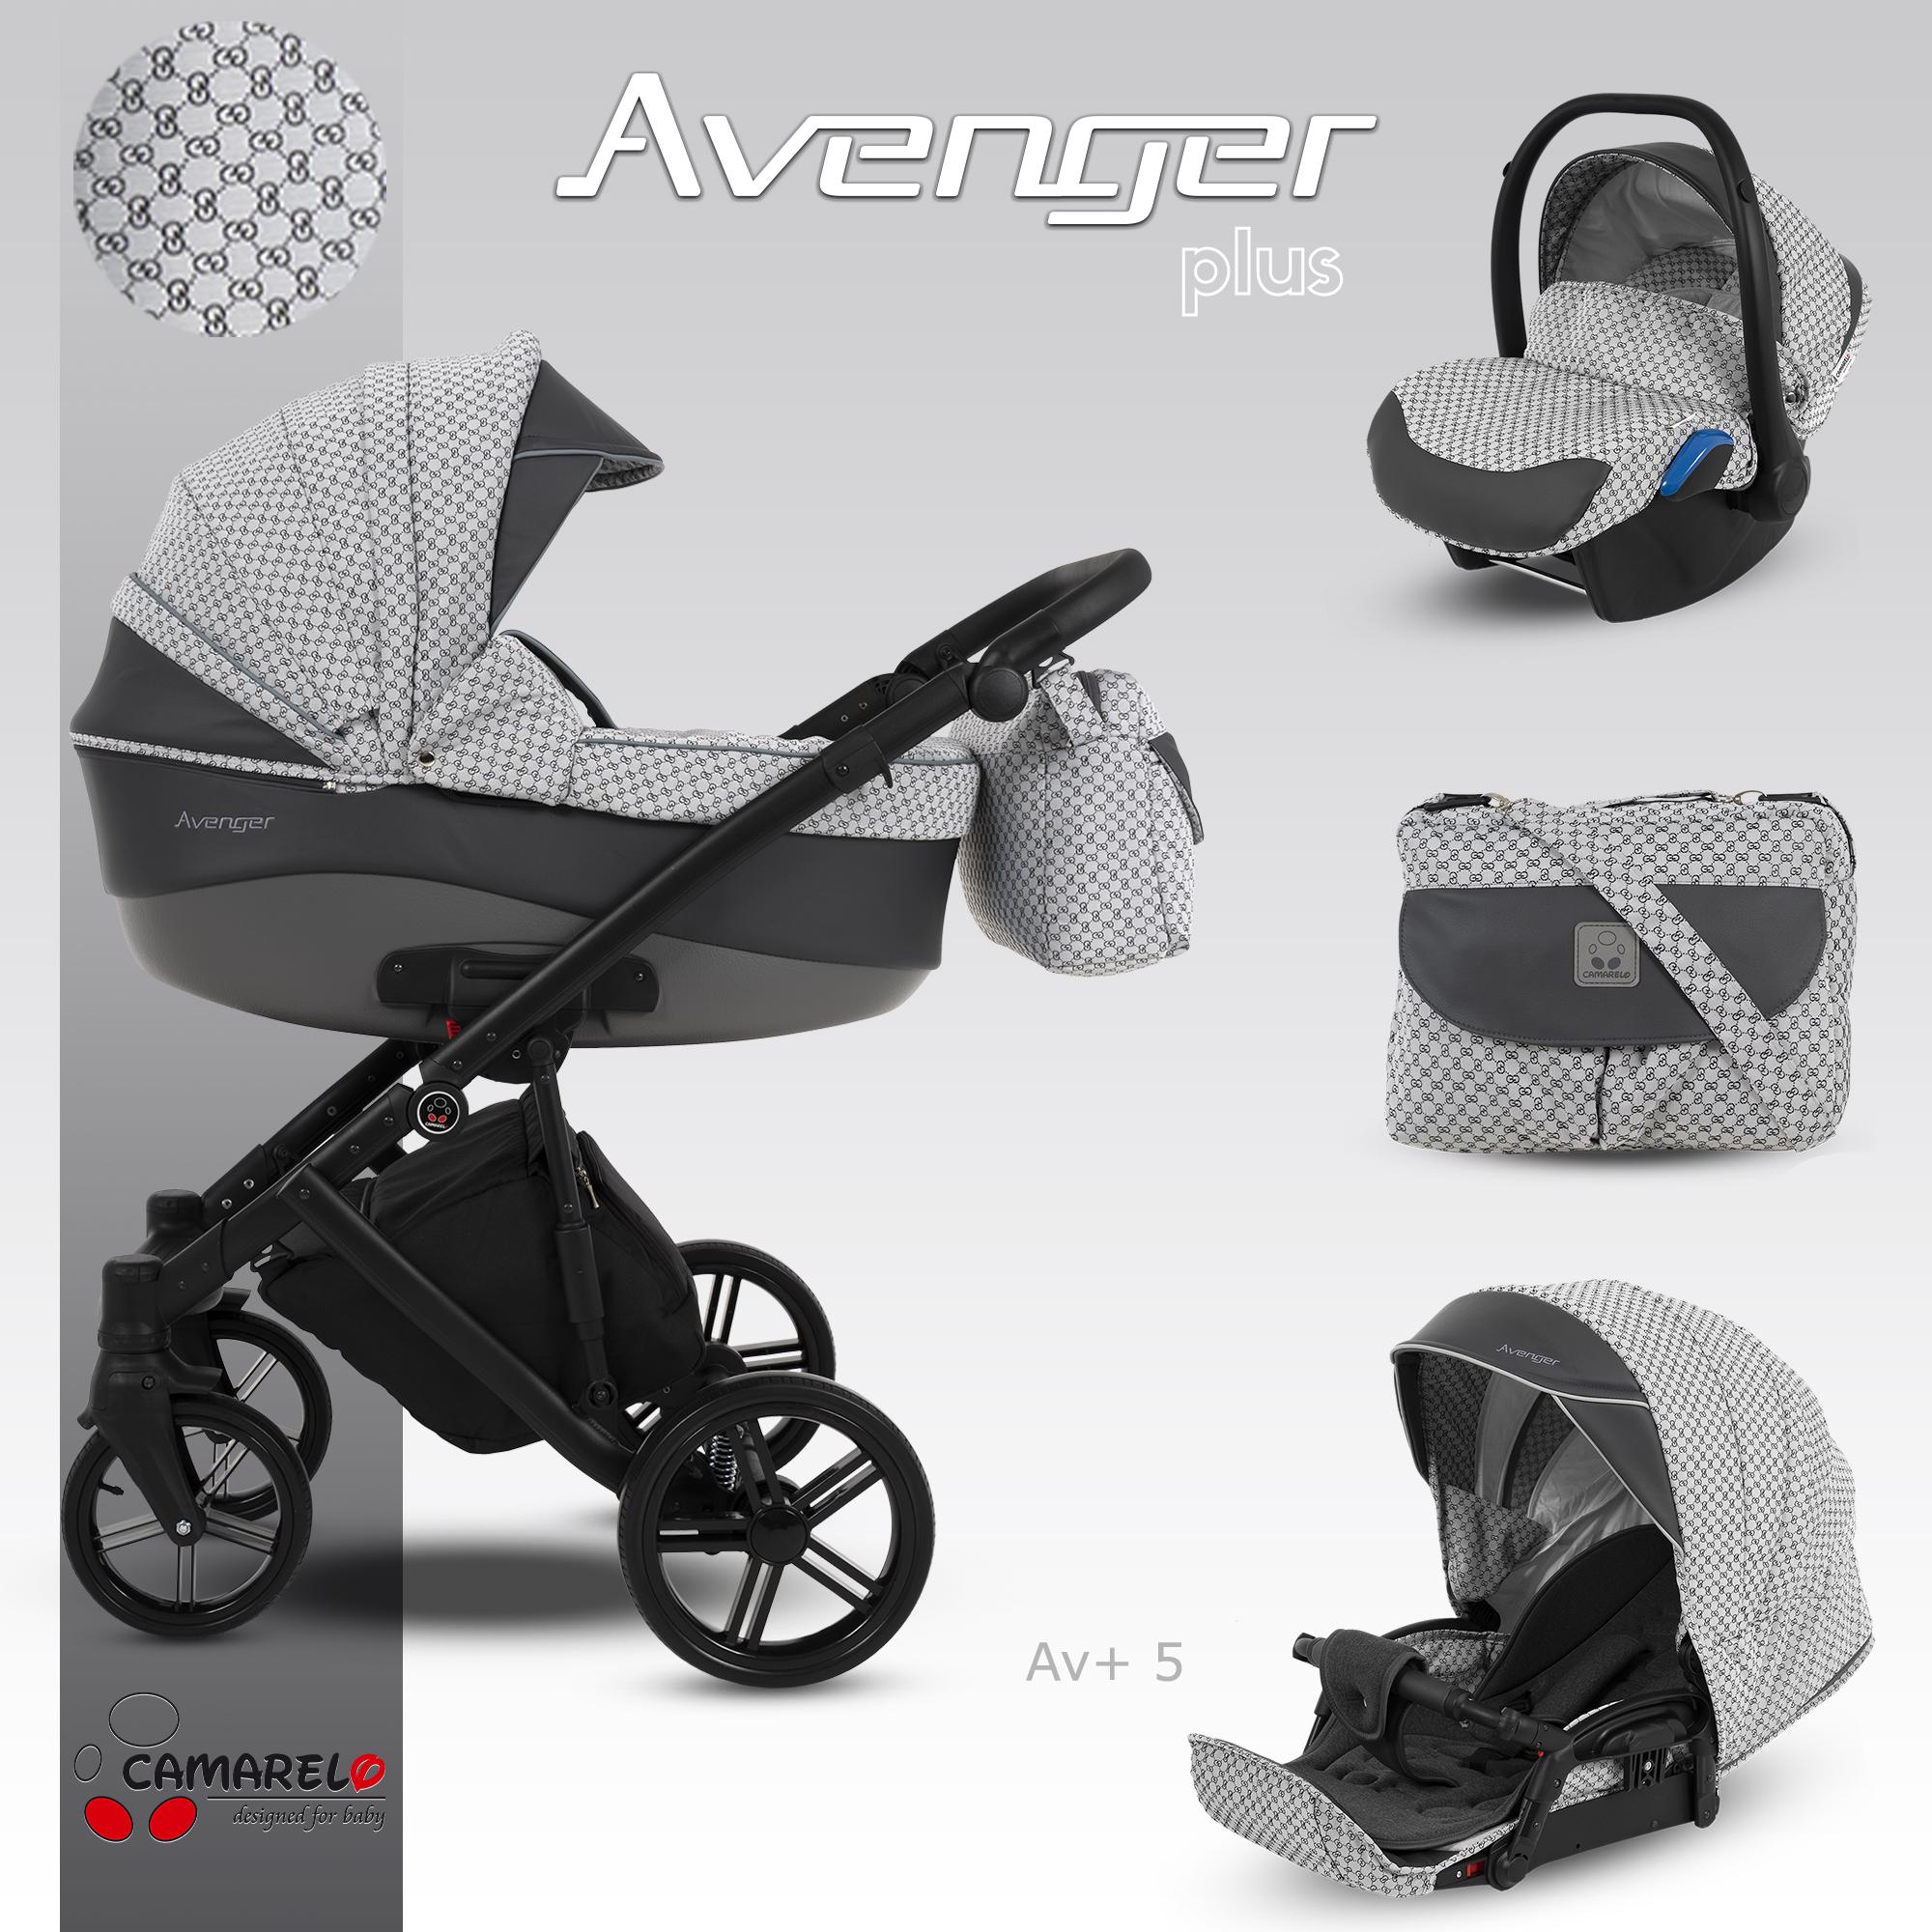 Avenger-5